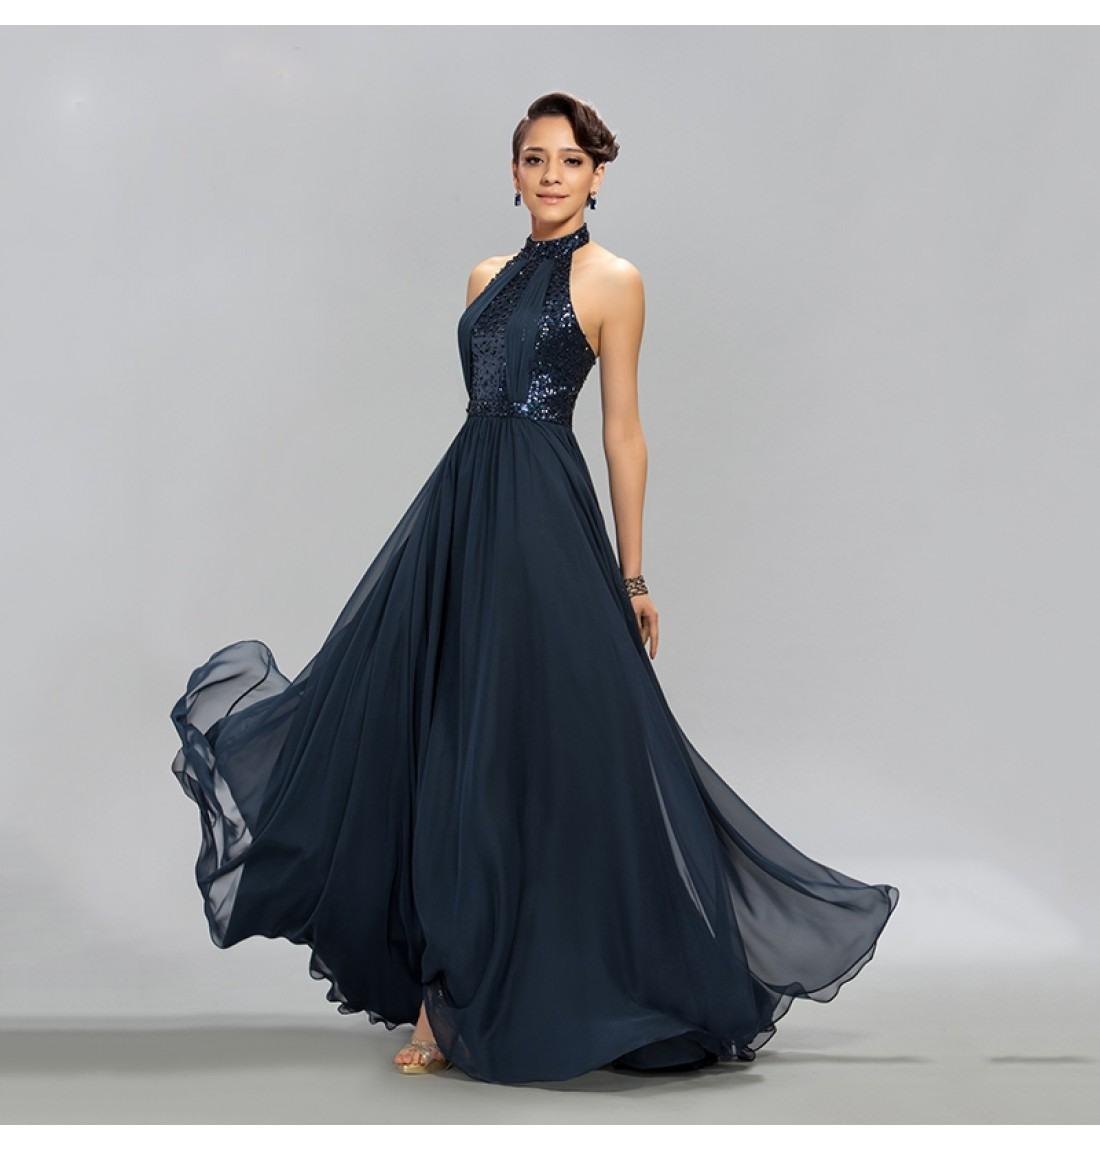 15 Erstaunlich Abendkleider Mode VertriebFormal Fantastisch Abendkleider Mode Spezialgebiet